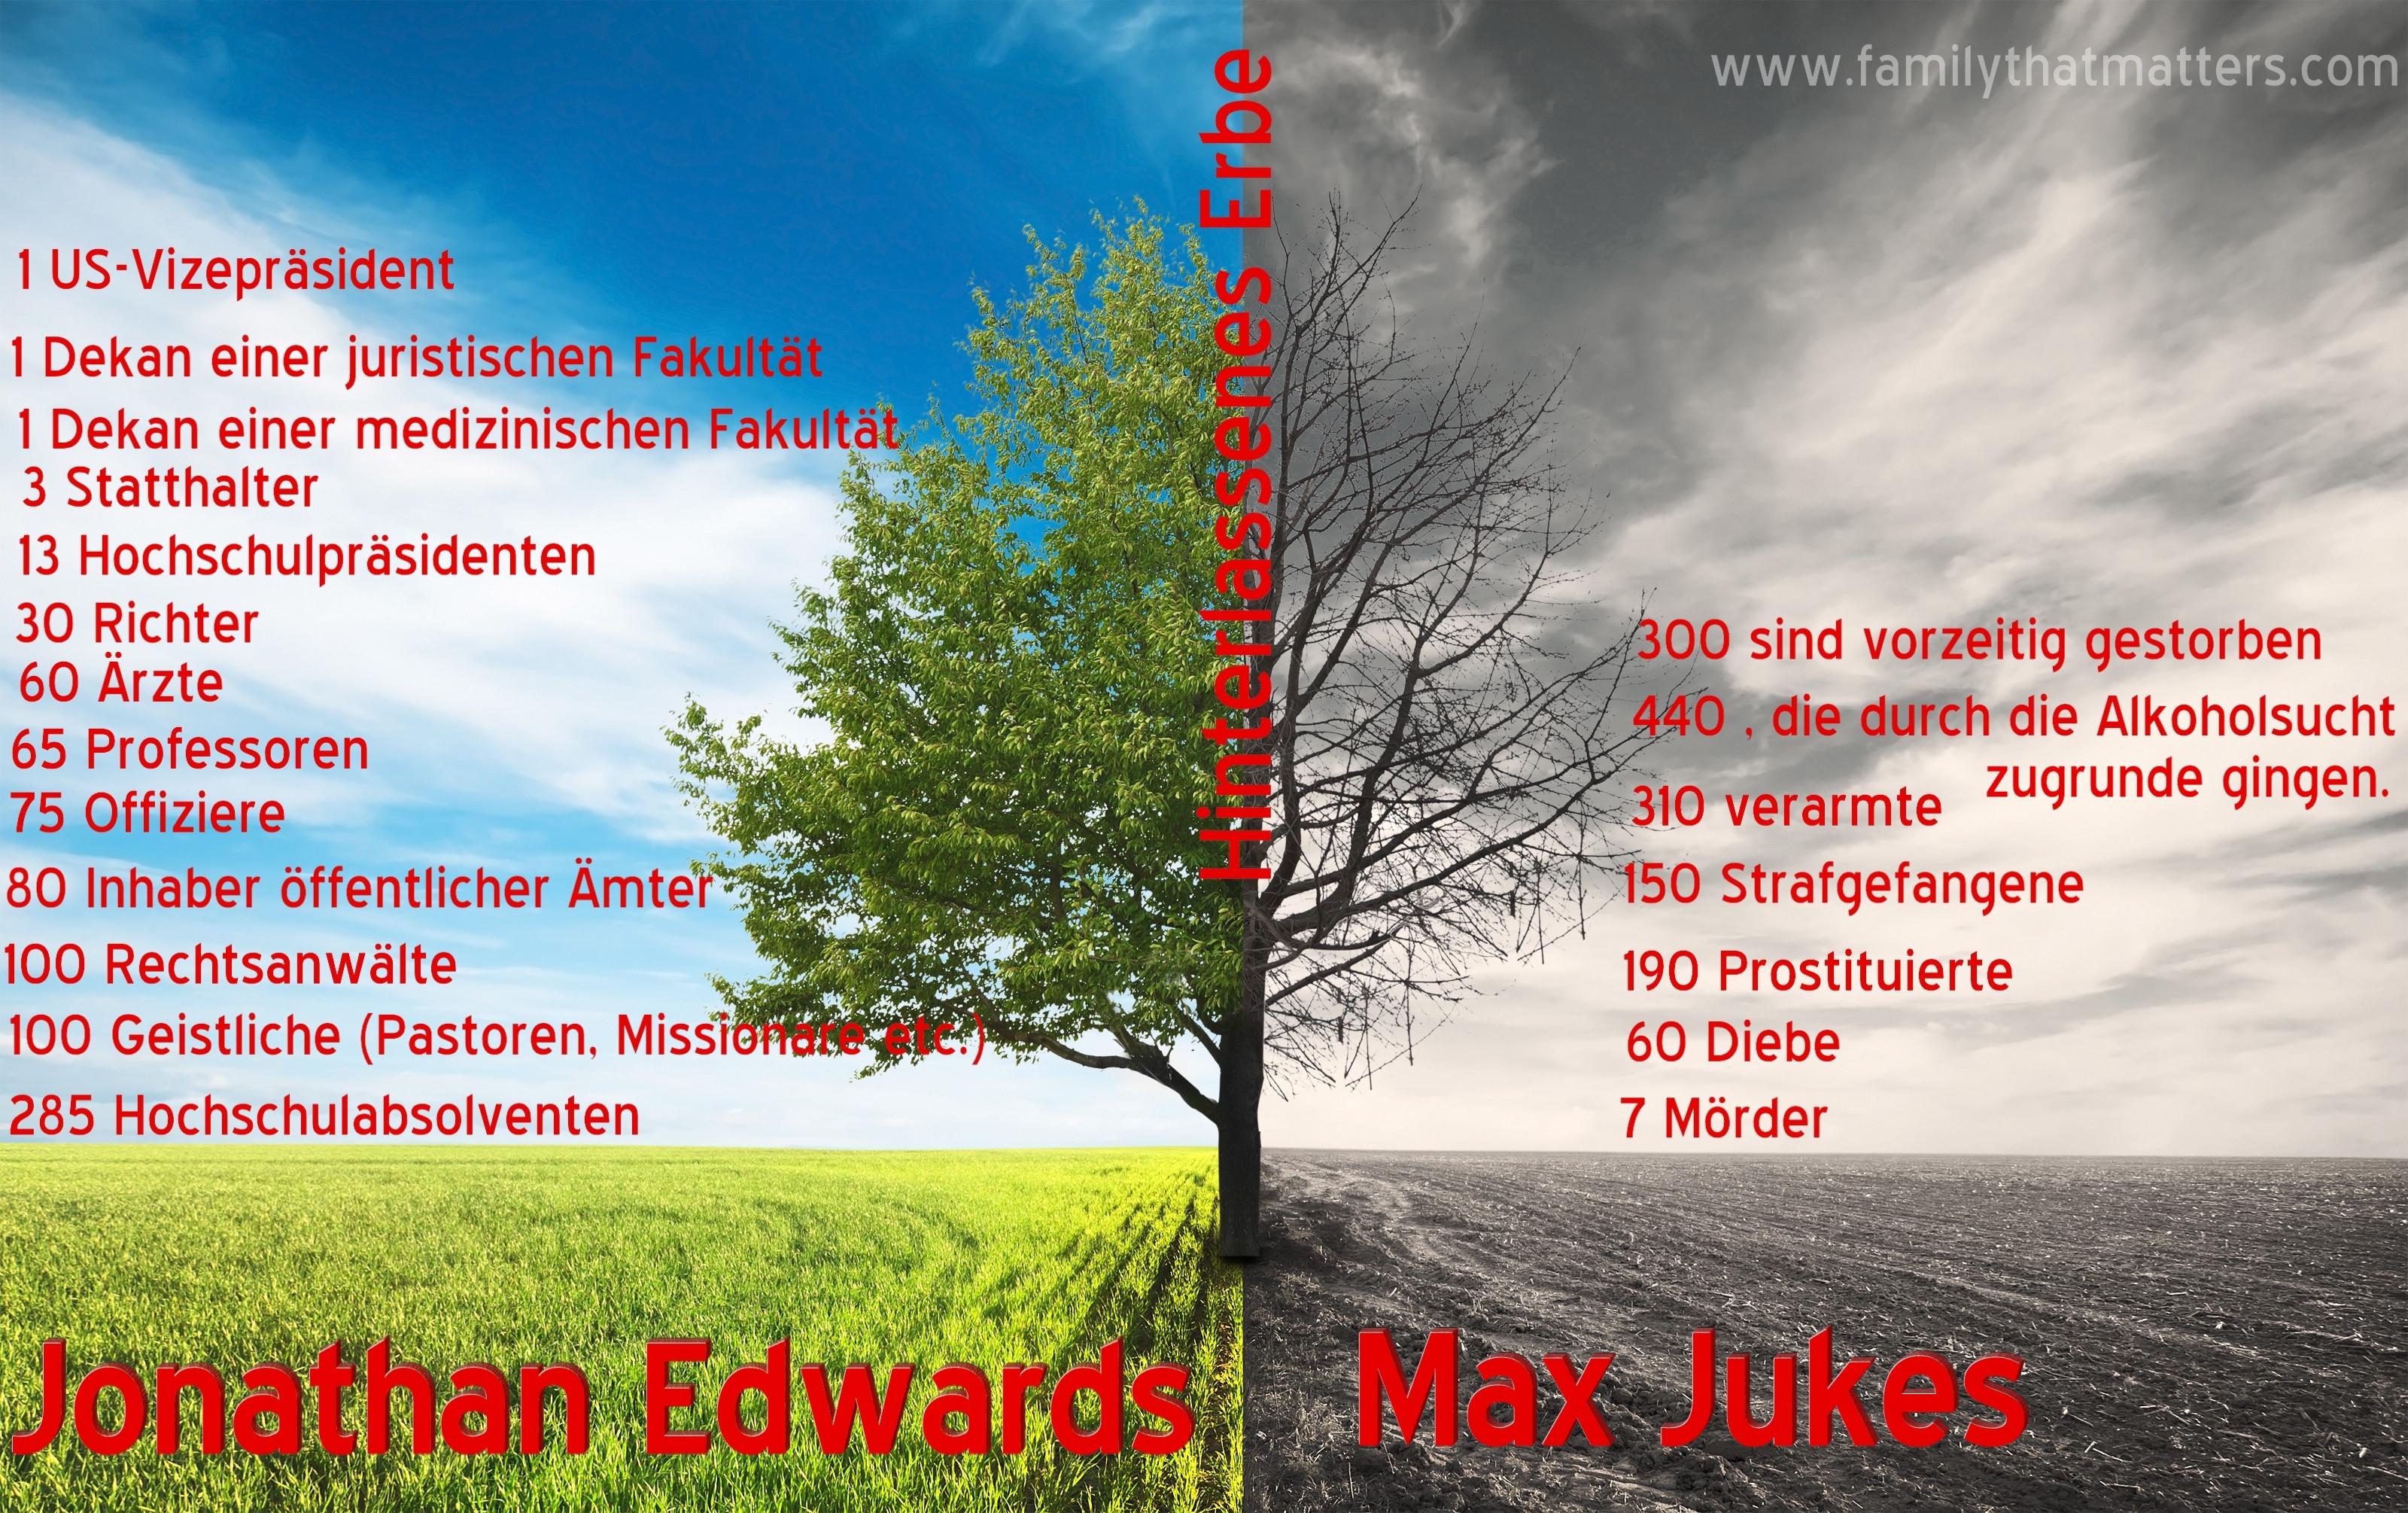 Ein Vermächtnis weit über Generationen hinaus – die Geschichte von Jonathan Edwards